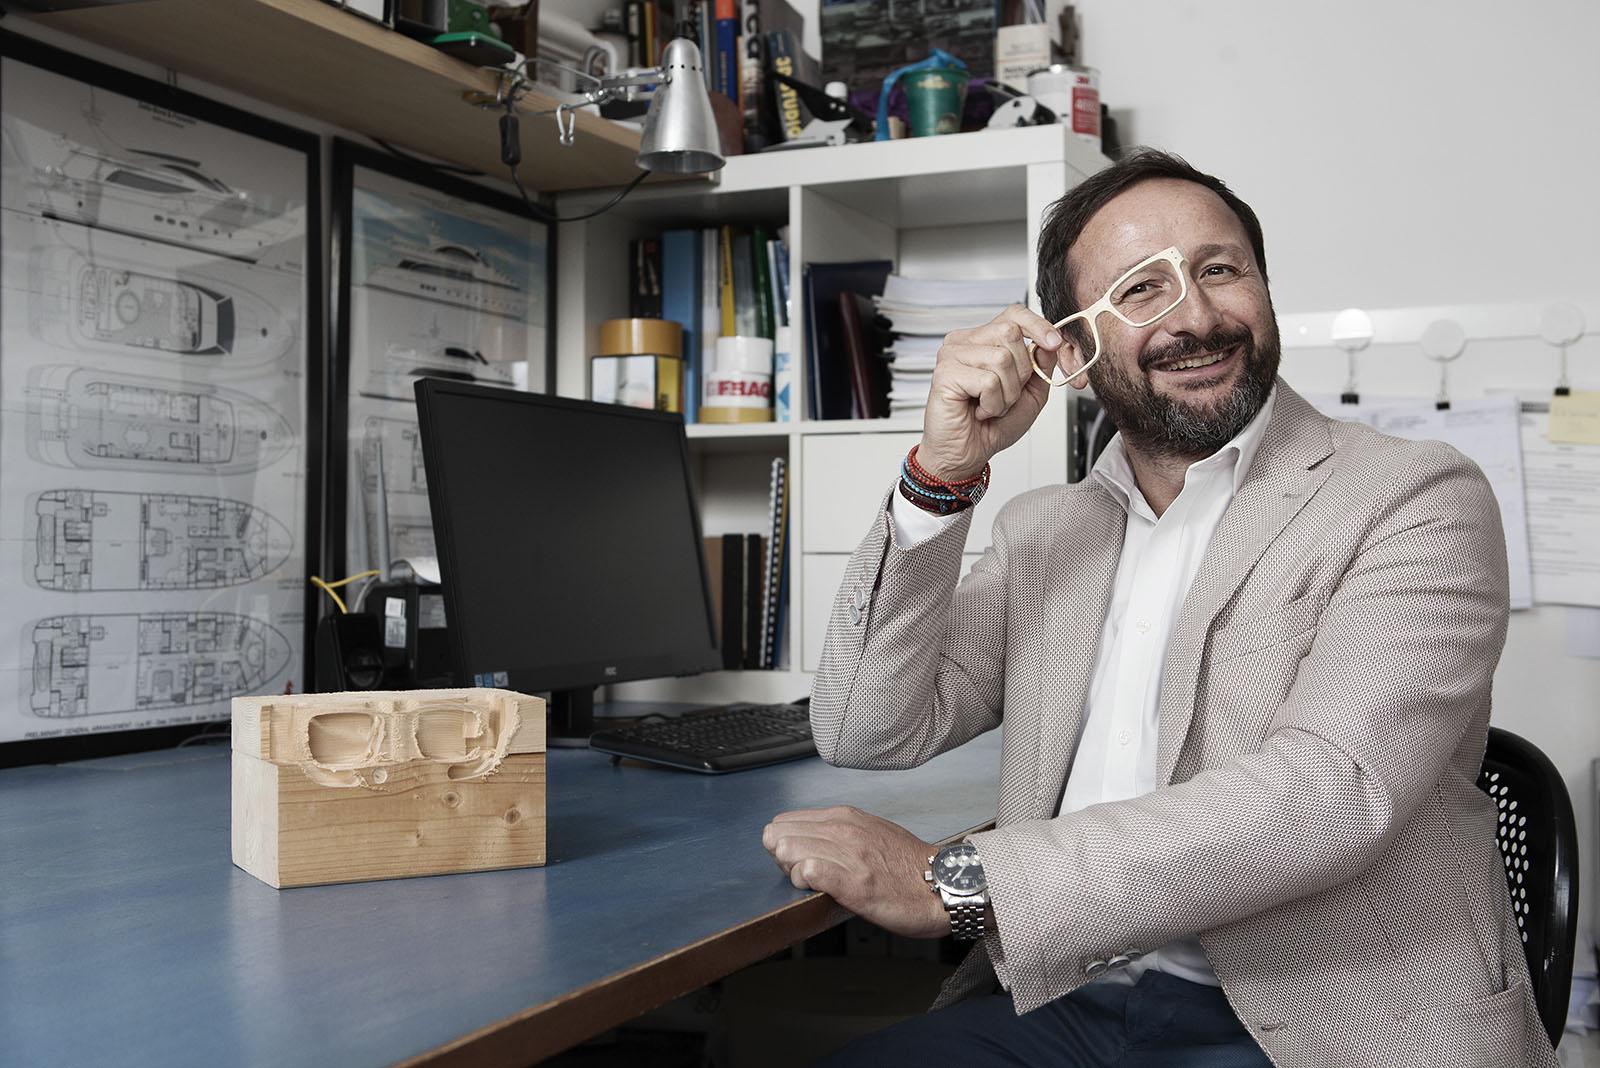 Ritratto di imprenditore nel blog made in italy